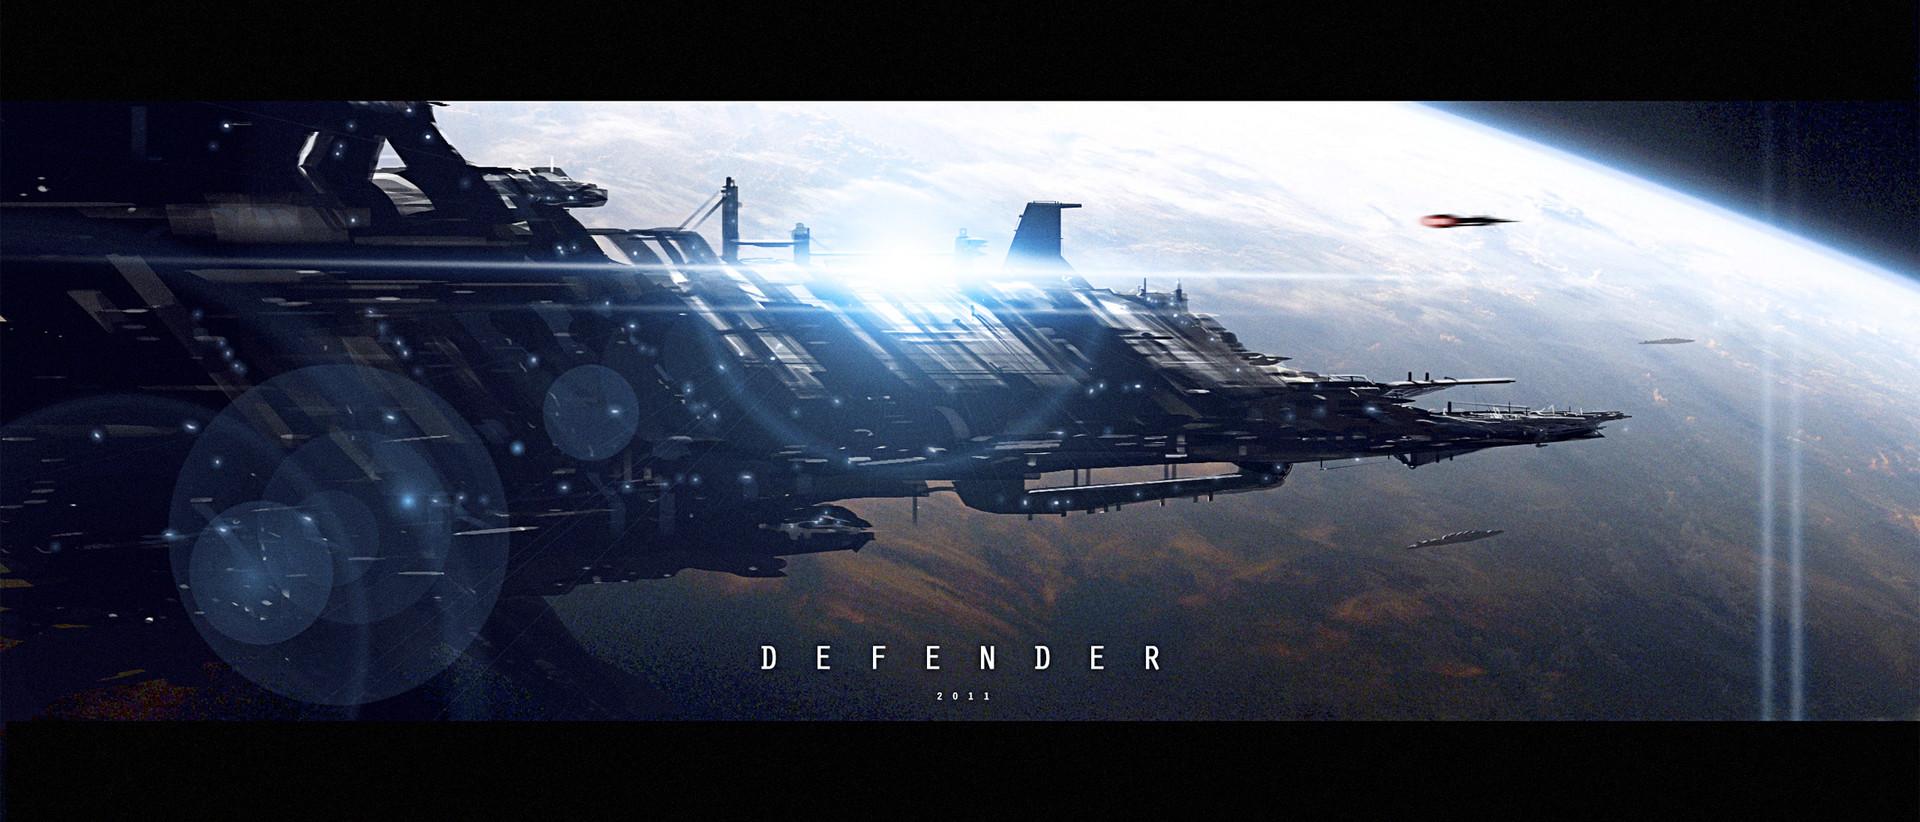 Defender - 2011